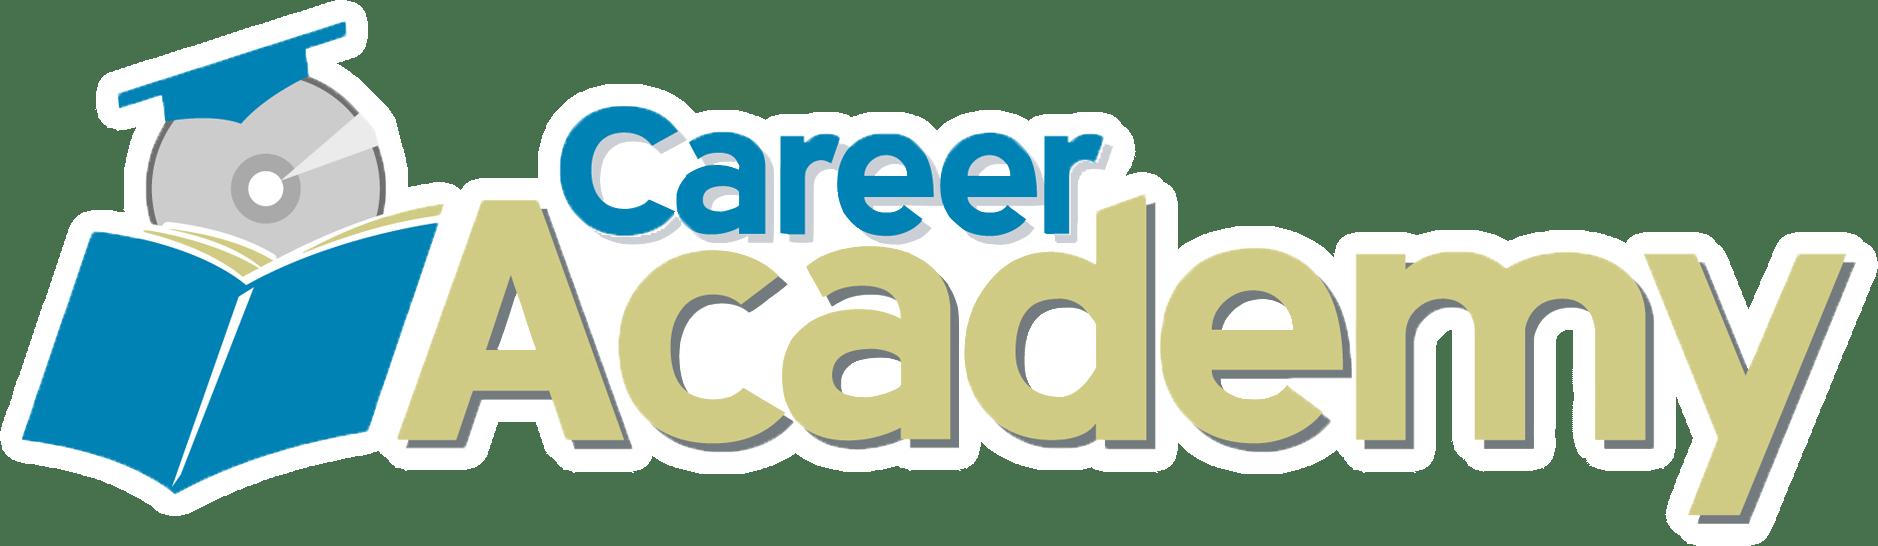 Military Career Academy